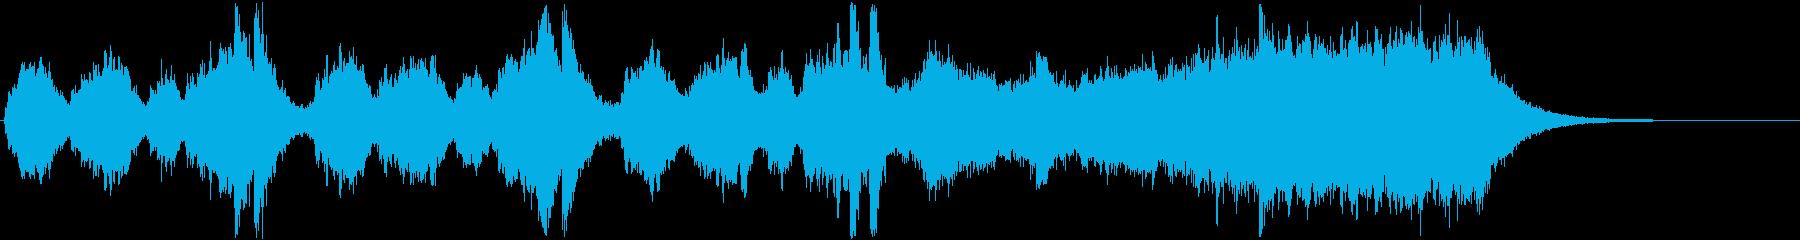 《表彰式》オープニング・ファンファーレの再生済みの波形